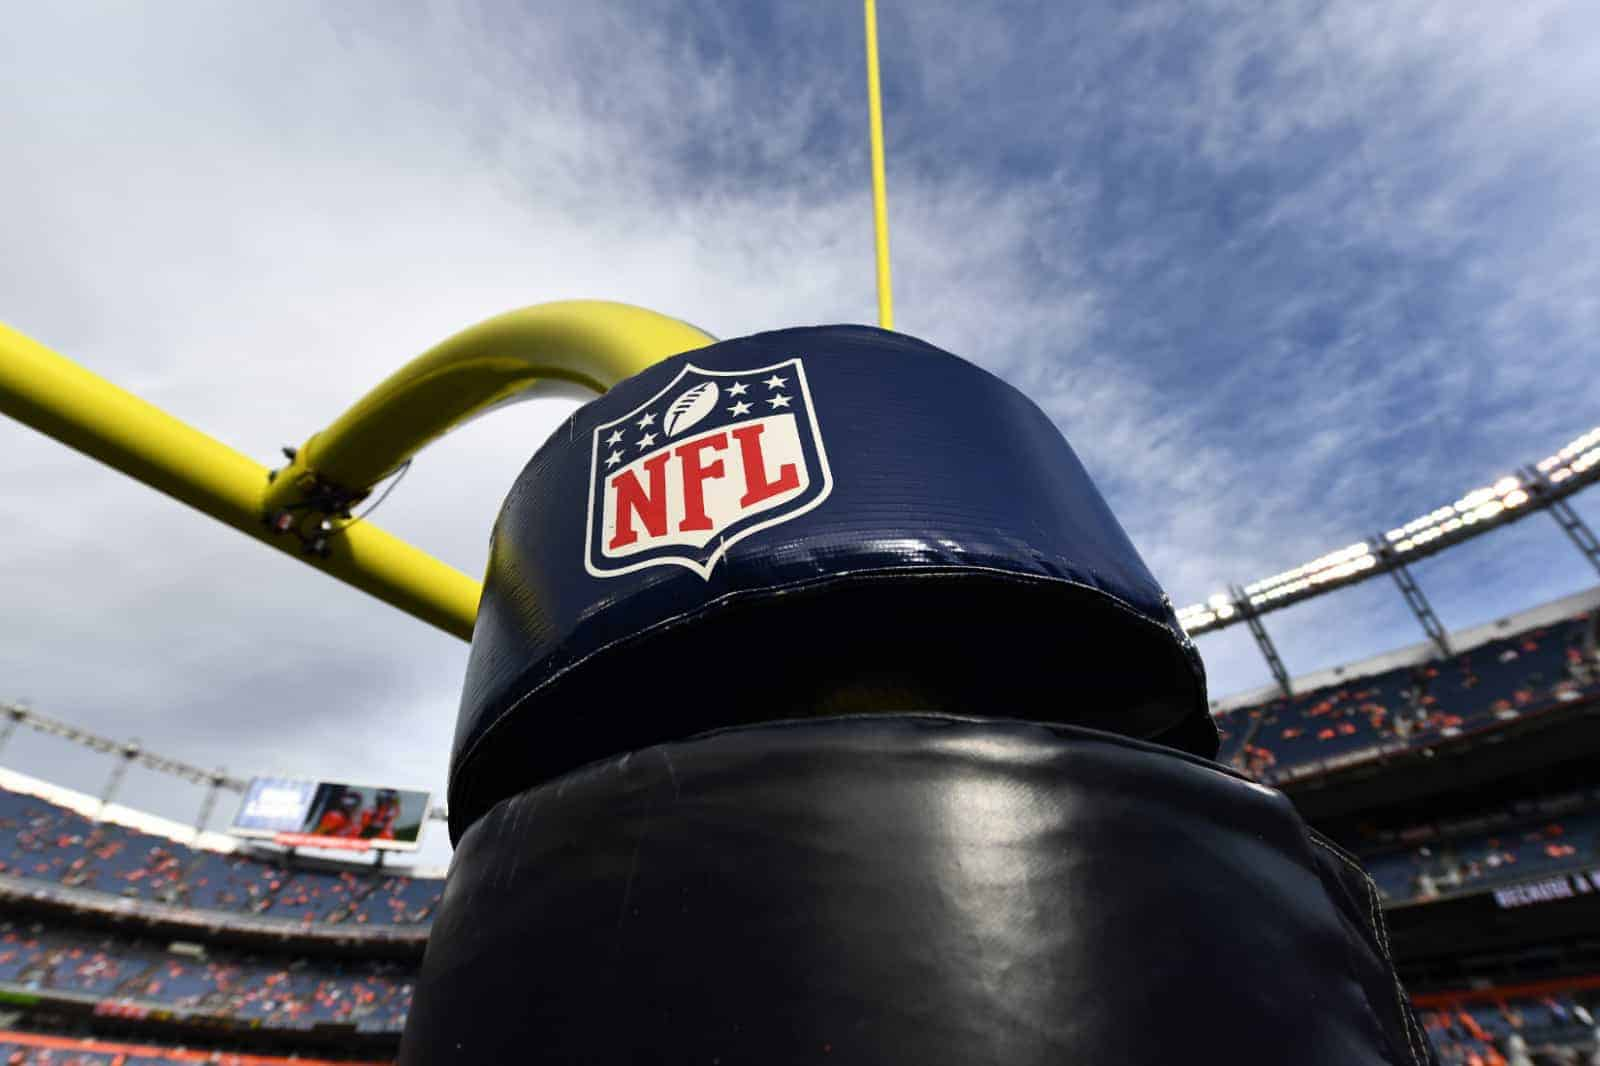 NFL logo on goalpost